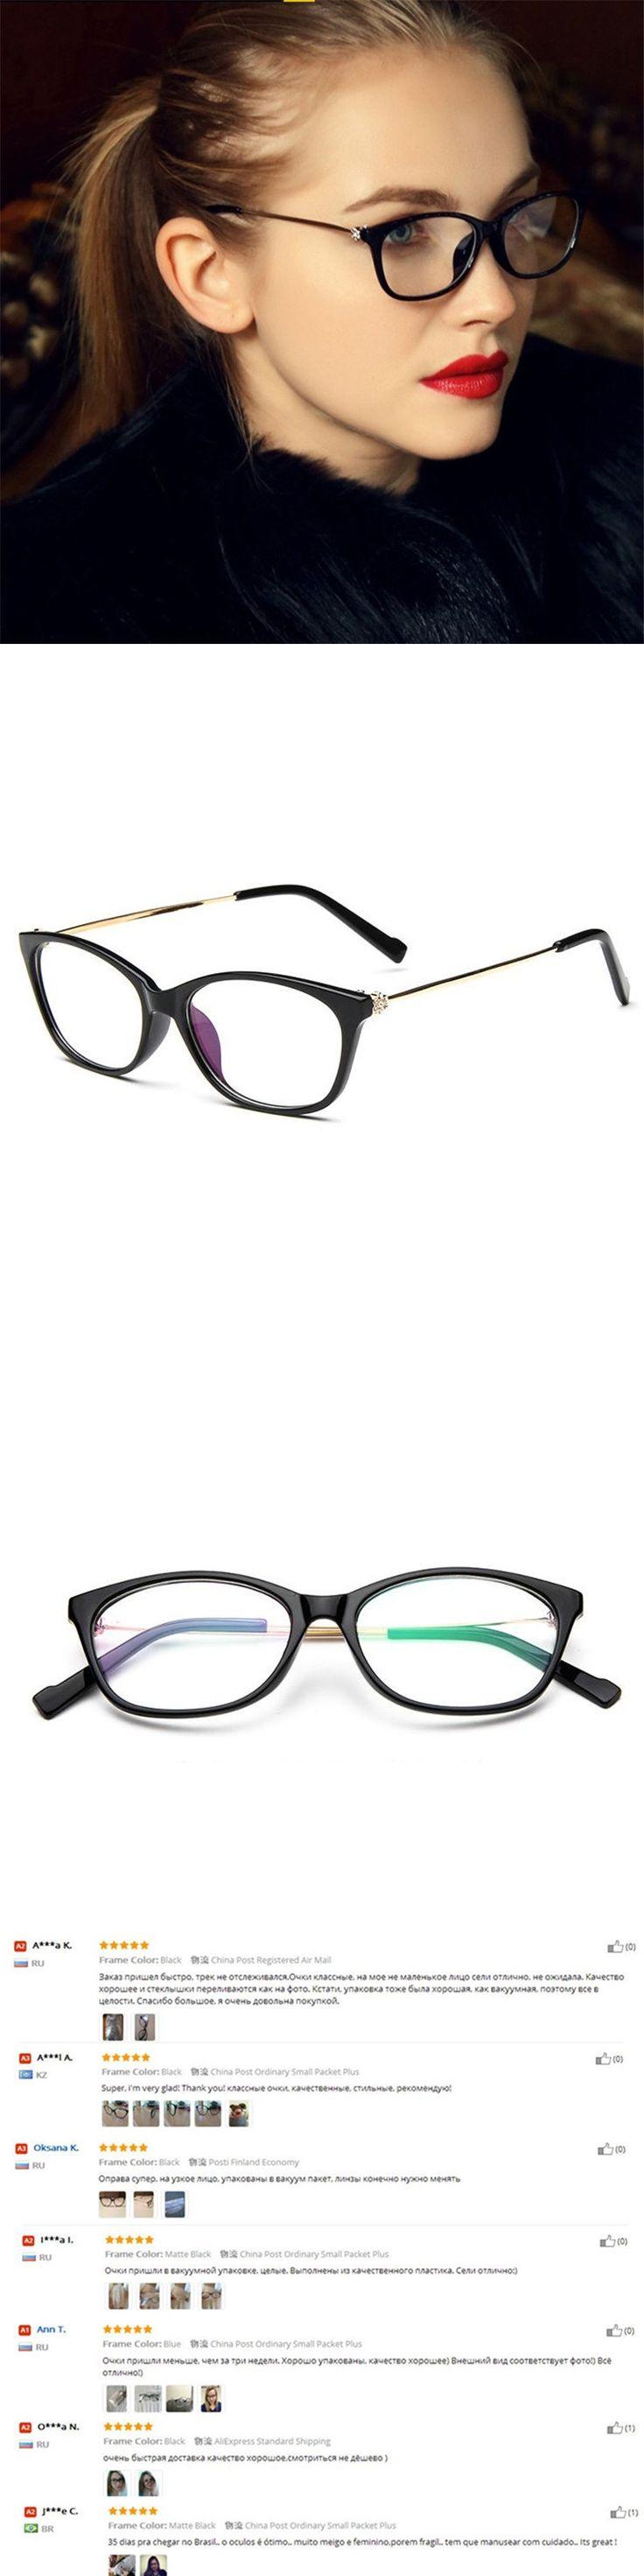 Brand Design Grade Diamond Eyeglasses Female Eyewear Frames Eye Glasses Frames For Women Ladies degree Optical eyeglass frame